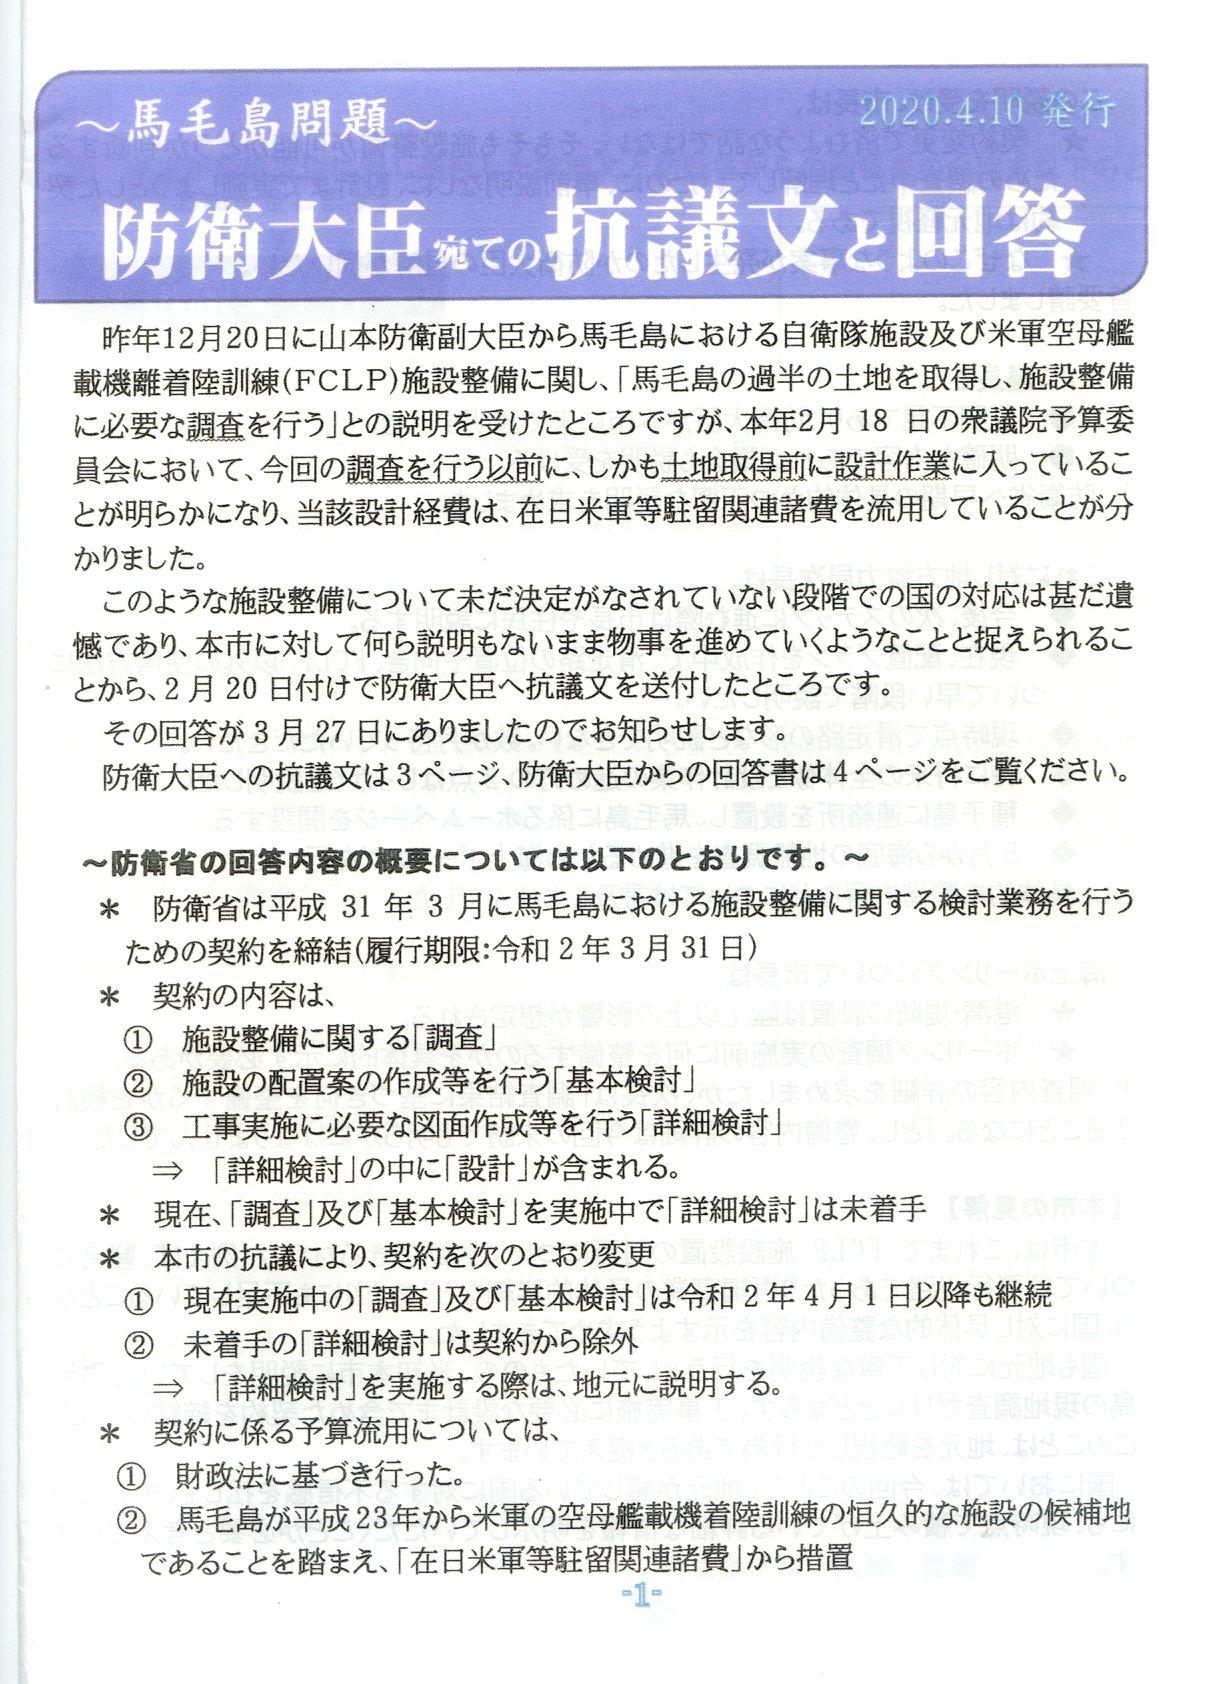 防衛大臣あての抗議文と回答01